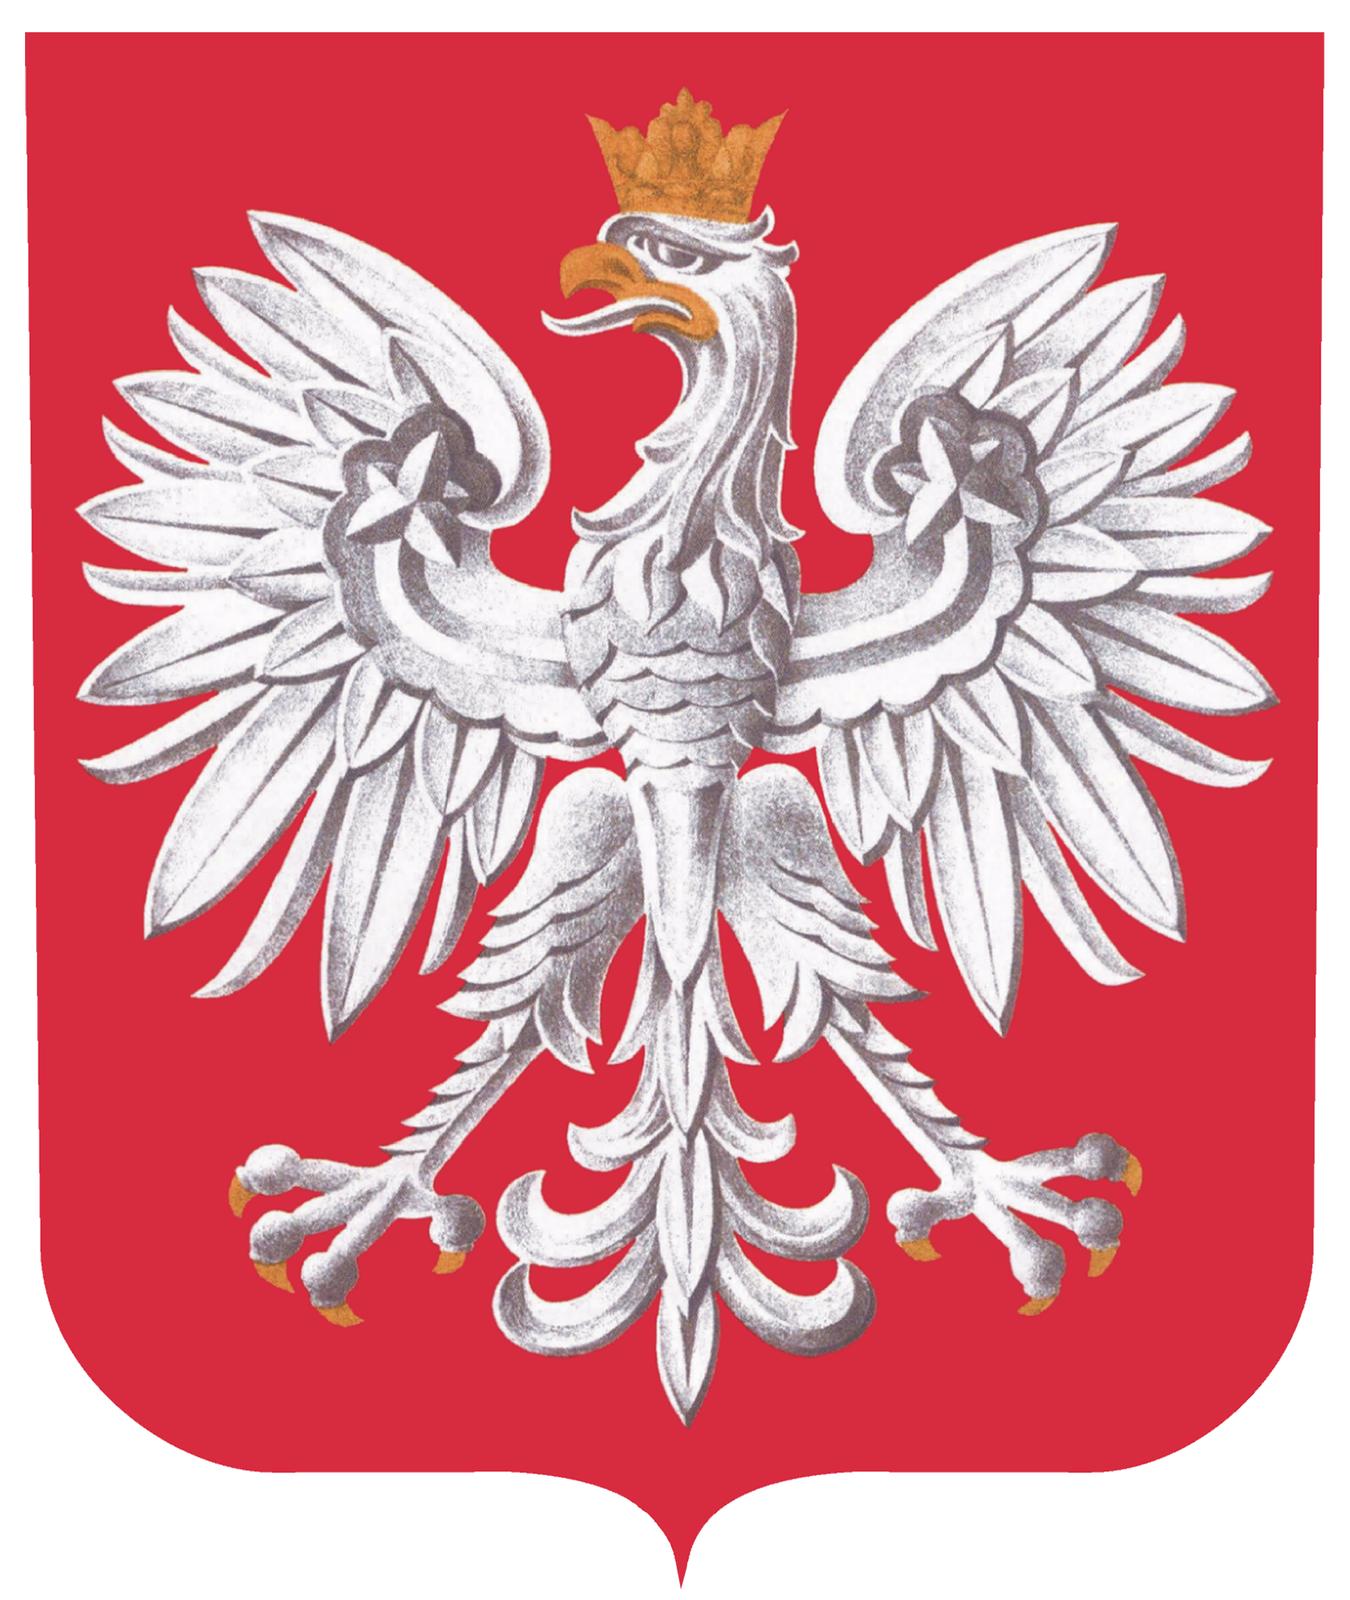 Ilustracja prezentuje godło Polski – biały orzeł zrozpostartymi skrzydłami oraz koroną na głowie umieszczony na czerwonym tle.